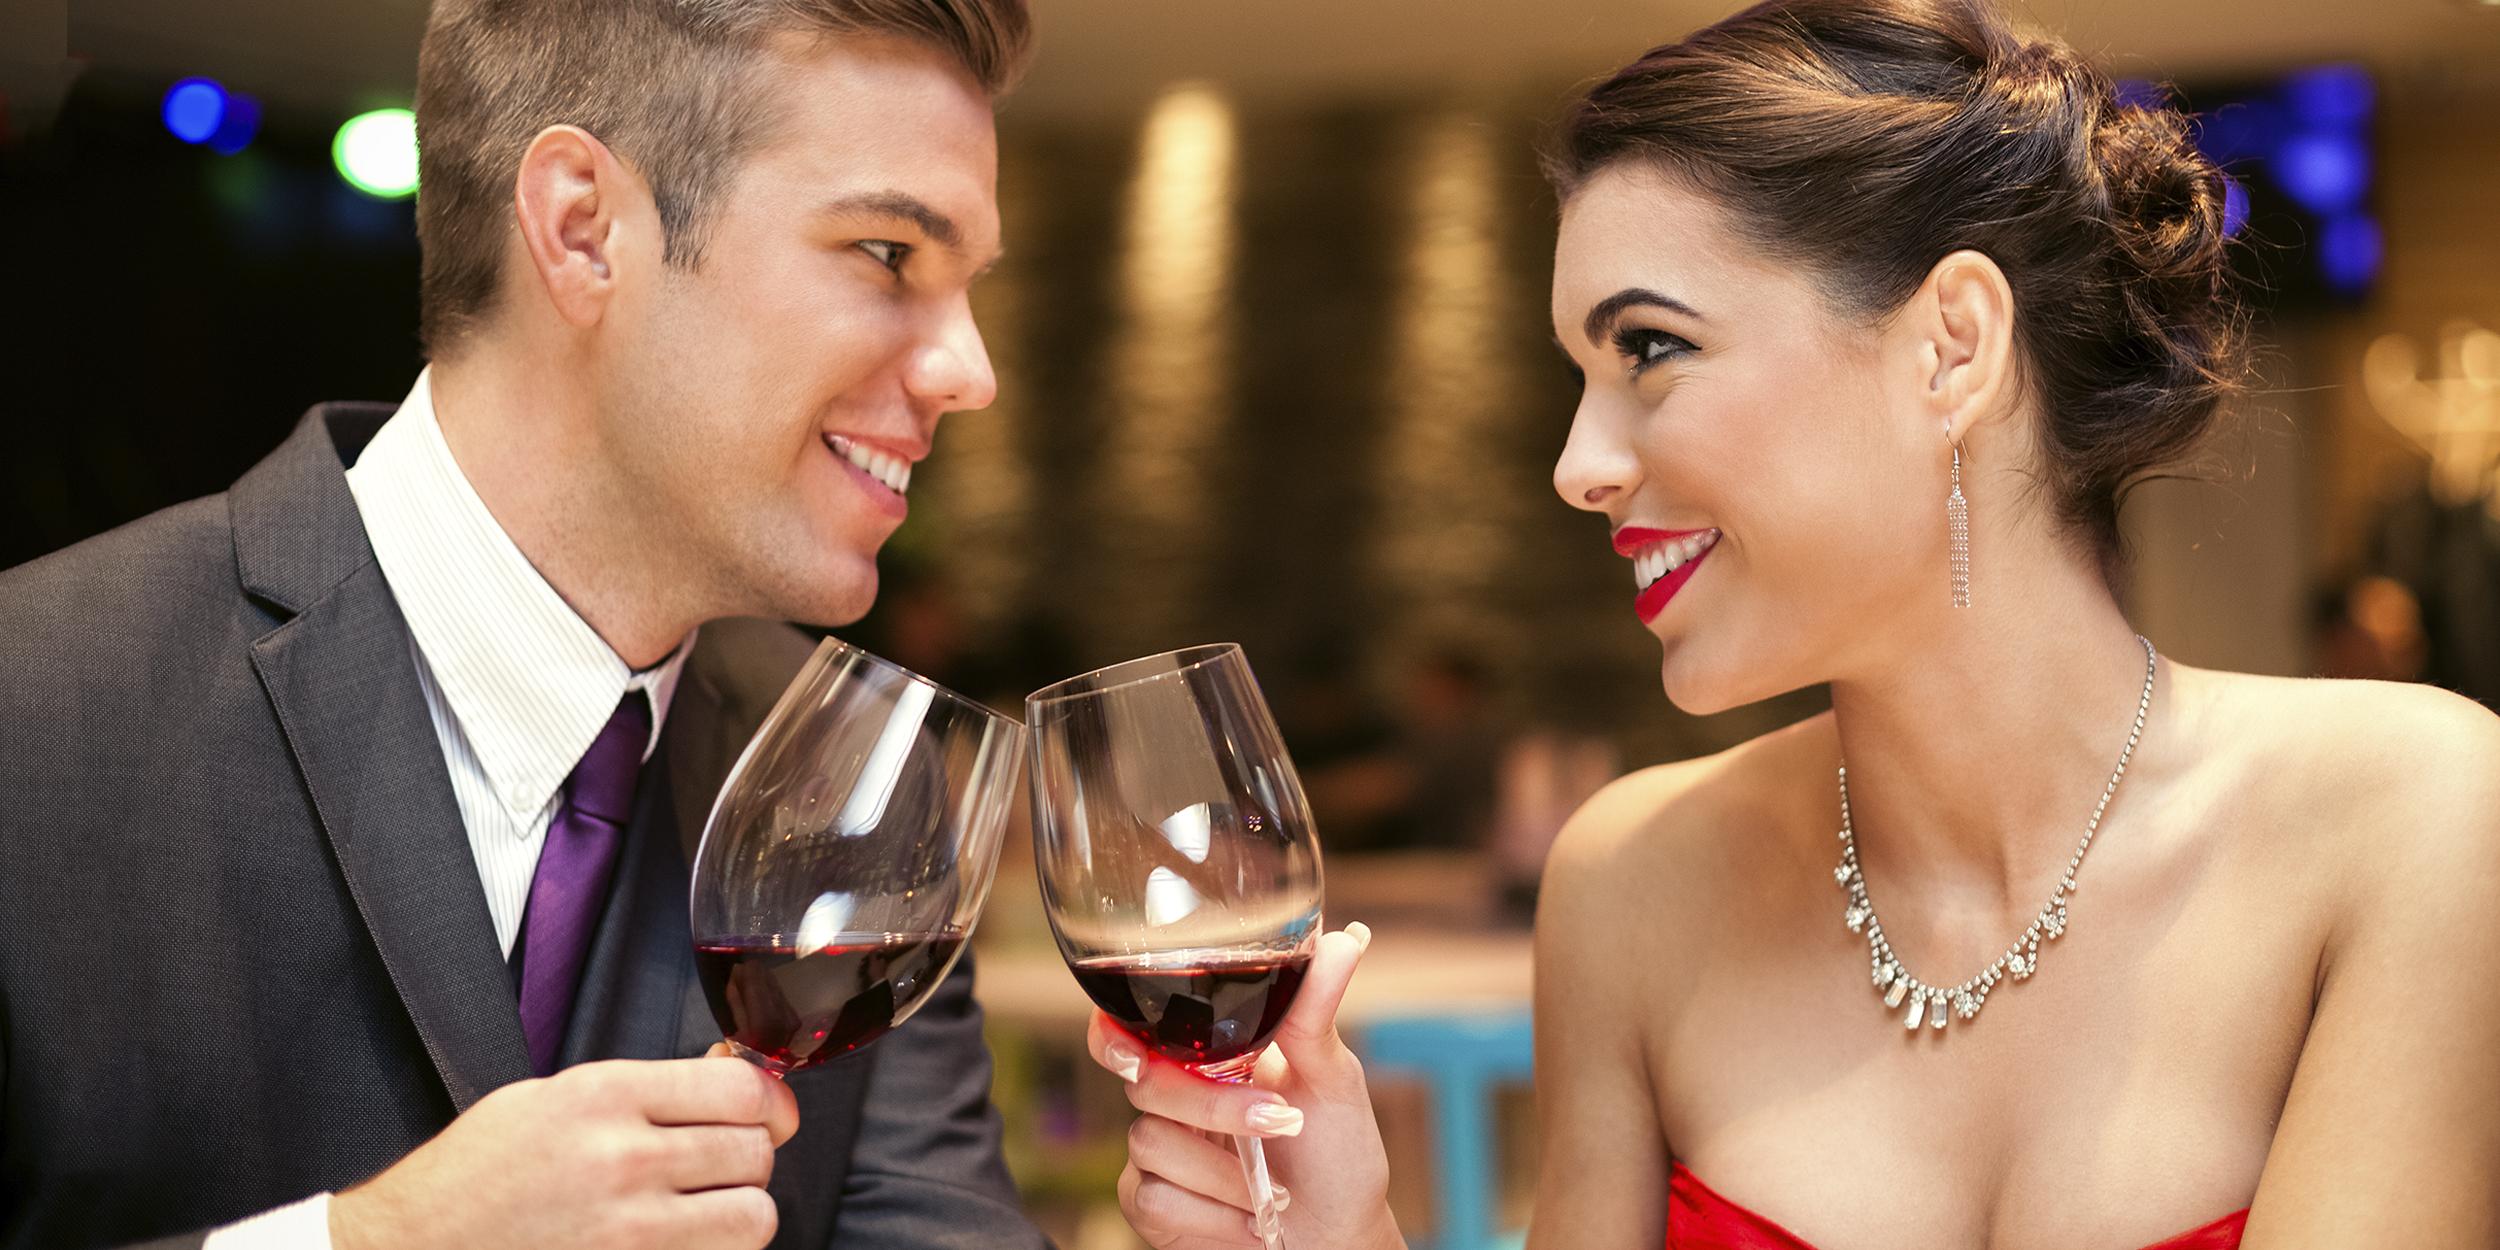 Как флиртовать и оставаться джентльменом